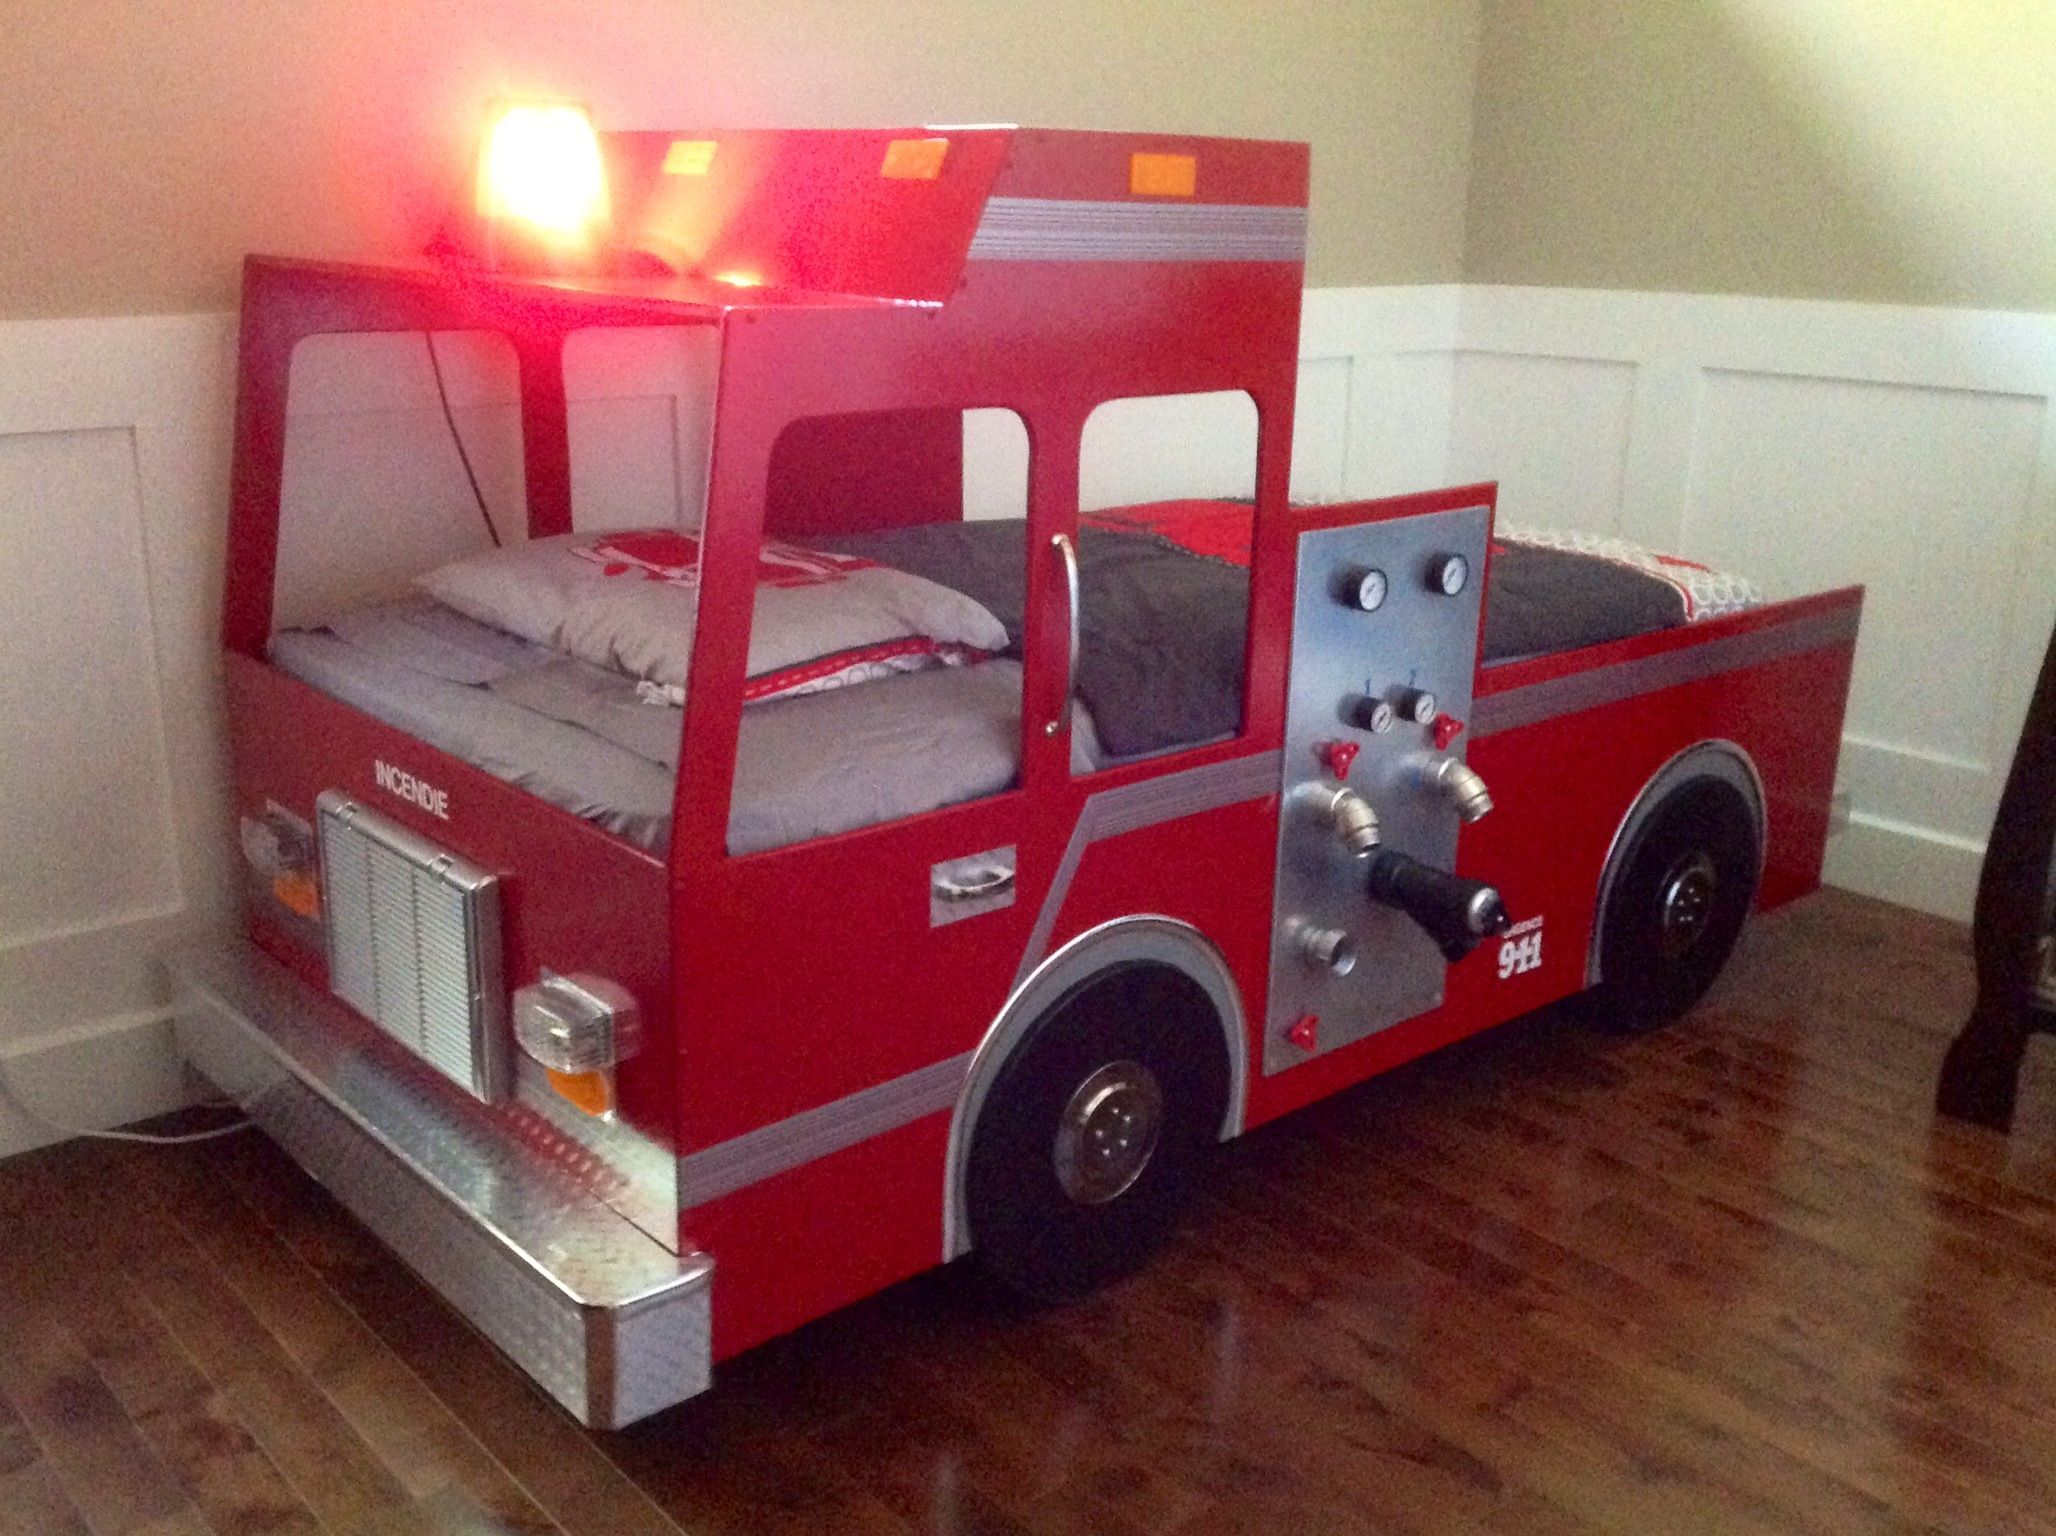 lit pour enfant camion de pompier bricolage pinterest lit pour enfant pompiers et pour. Black Bedroom Furniture Sets. Home Design Ideas